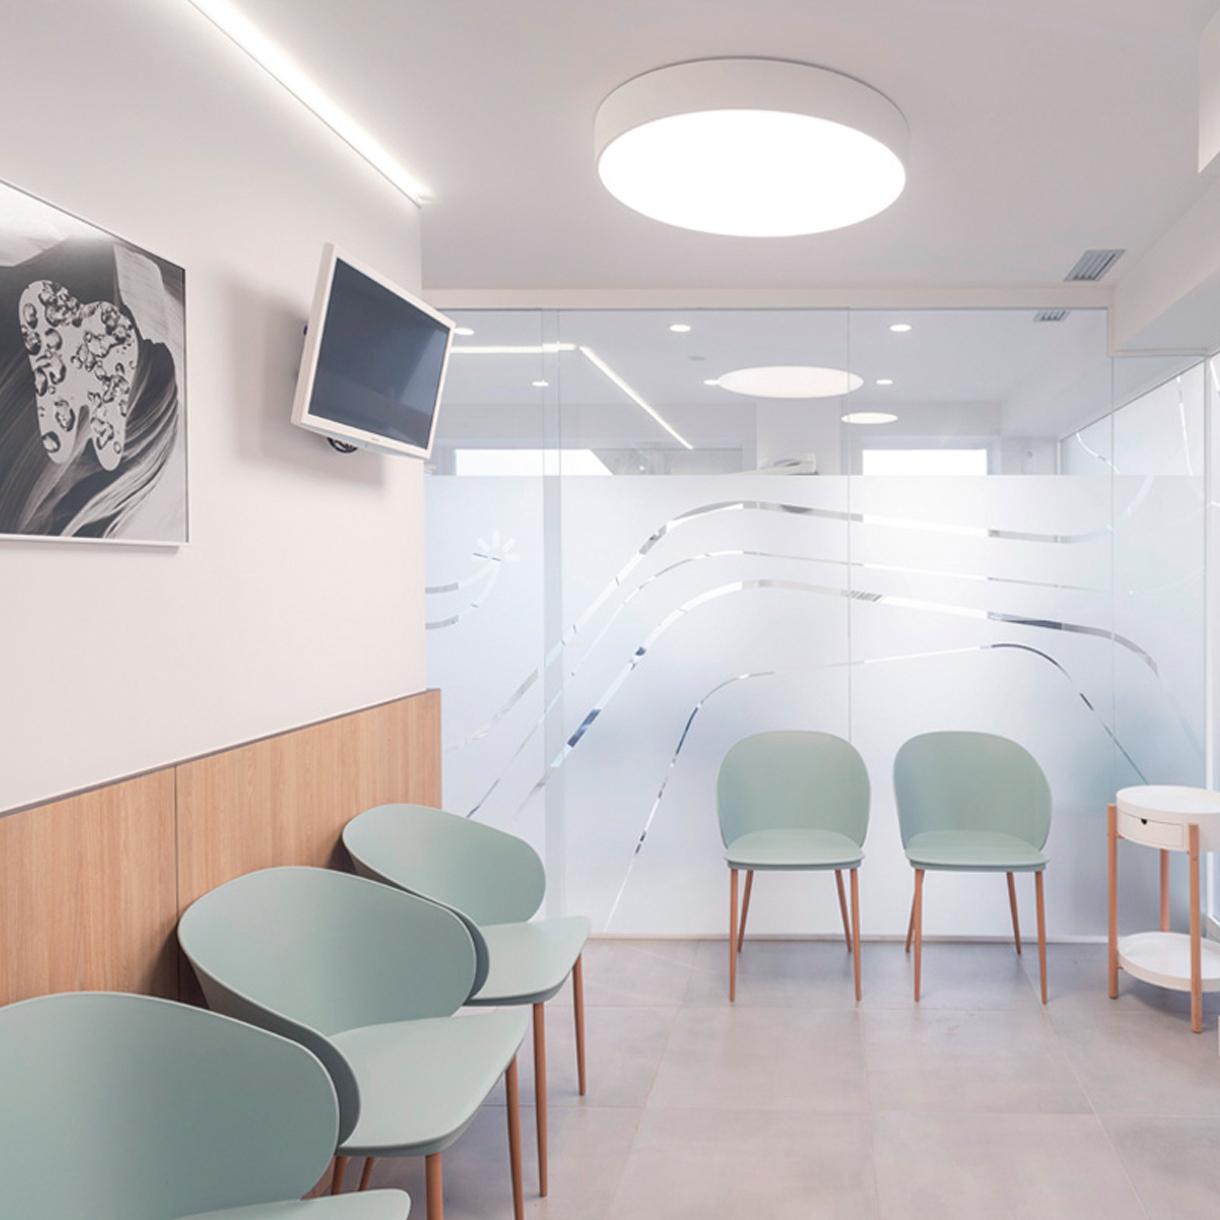 Clinica Dental Gobela, rotulación interior